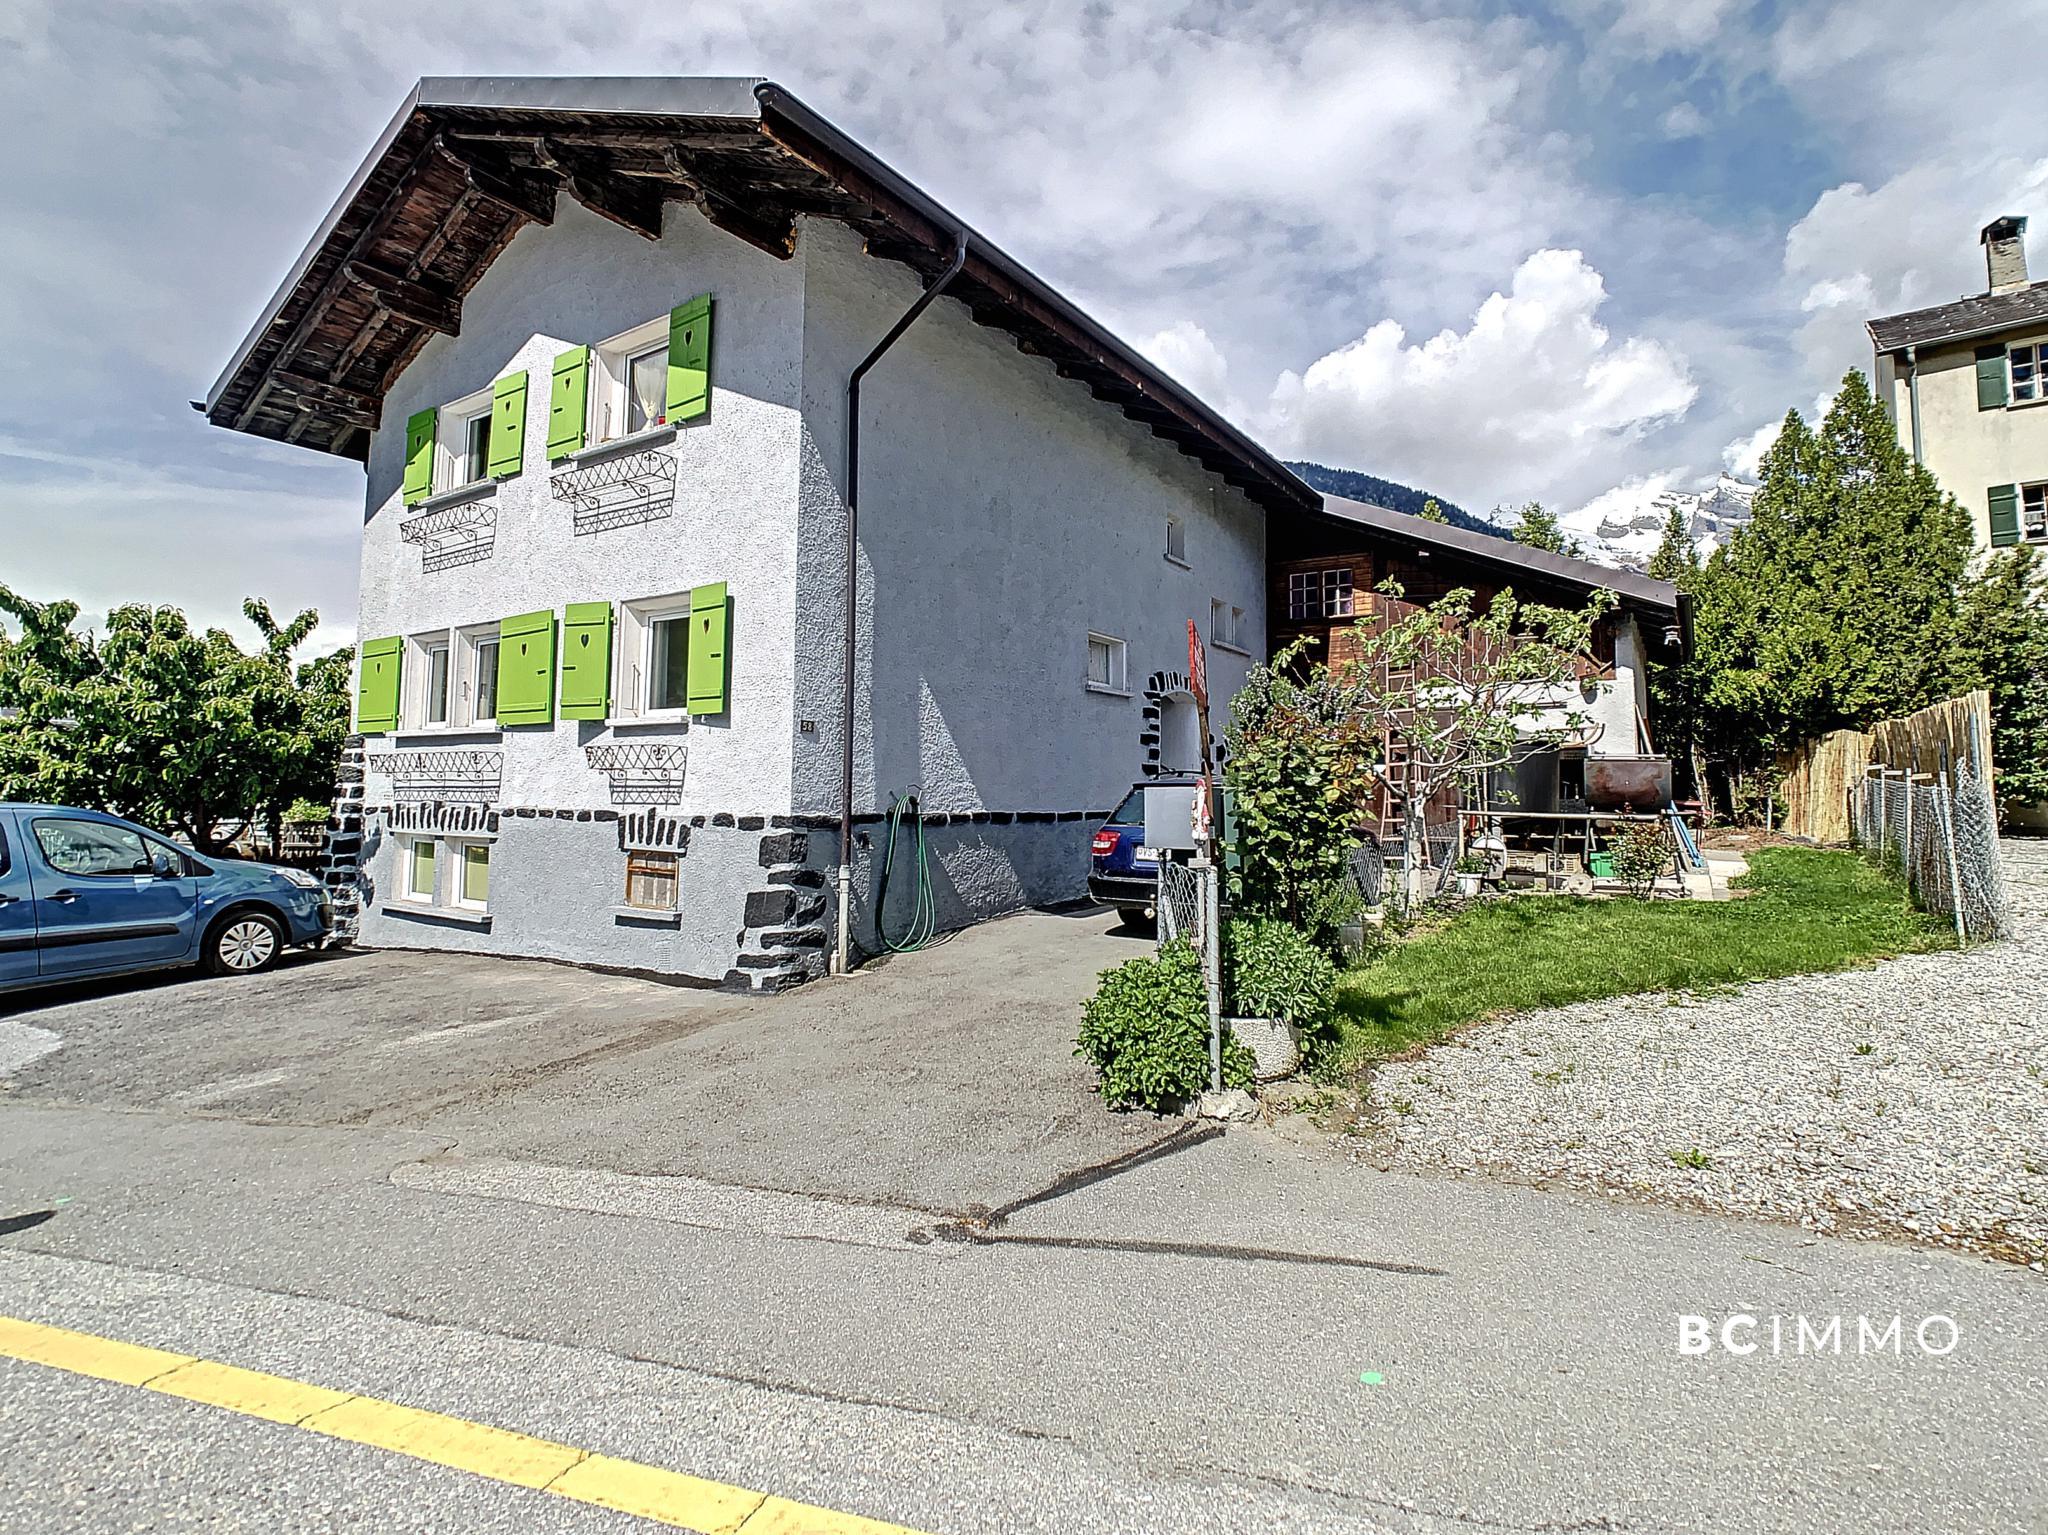 BC Immo - Opportunité unique à St-Pierre-de-Clages - DC1955SLC